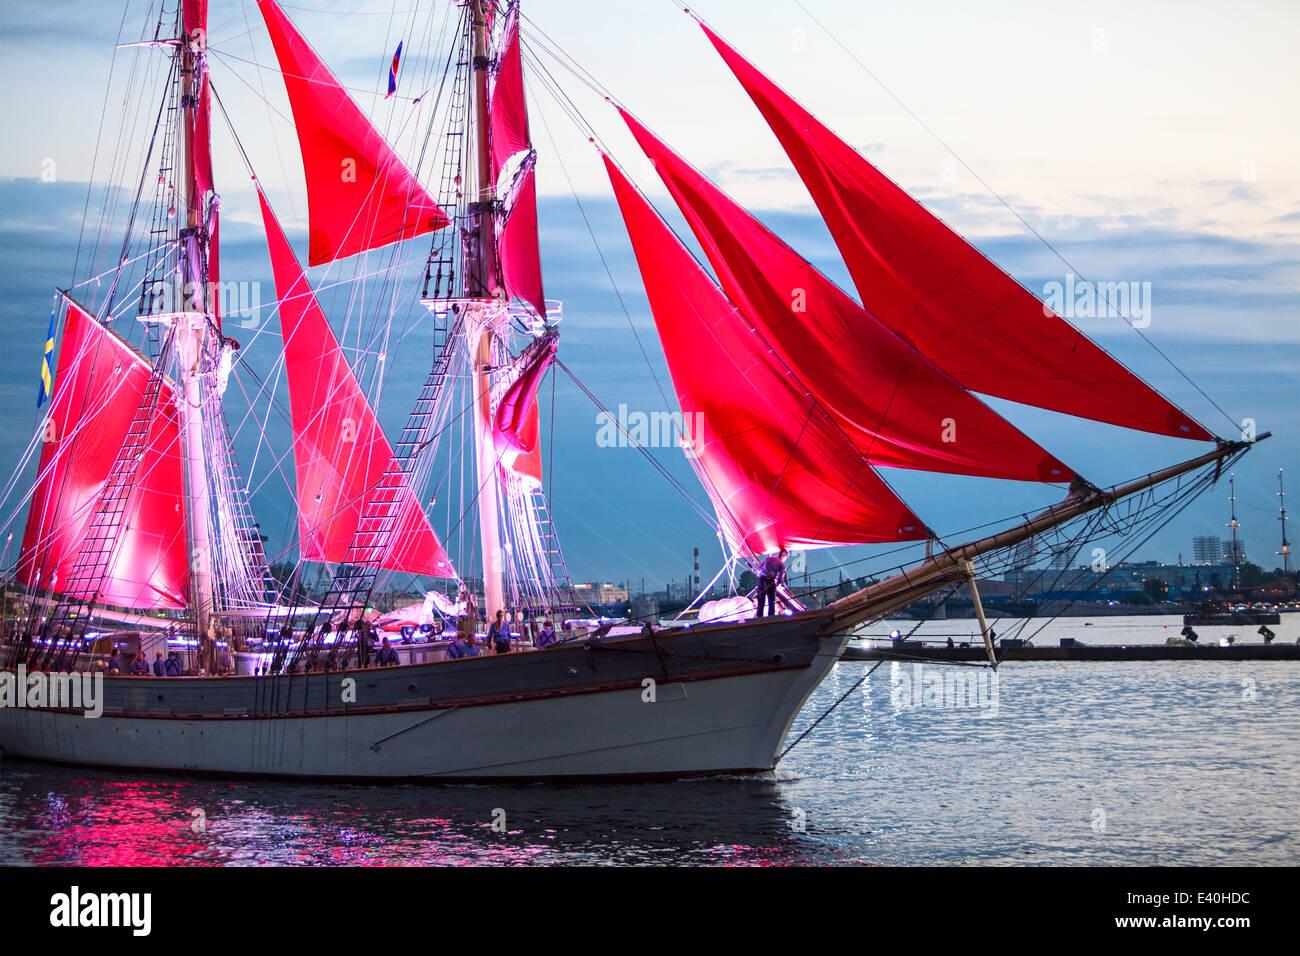 Scharlachroten Segel zeigen während der White Nights Festival, St. Petersburg, Russland. Schiff mit roten Segeln Stockbild